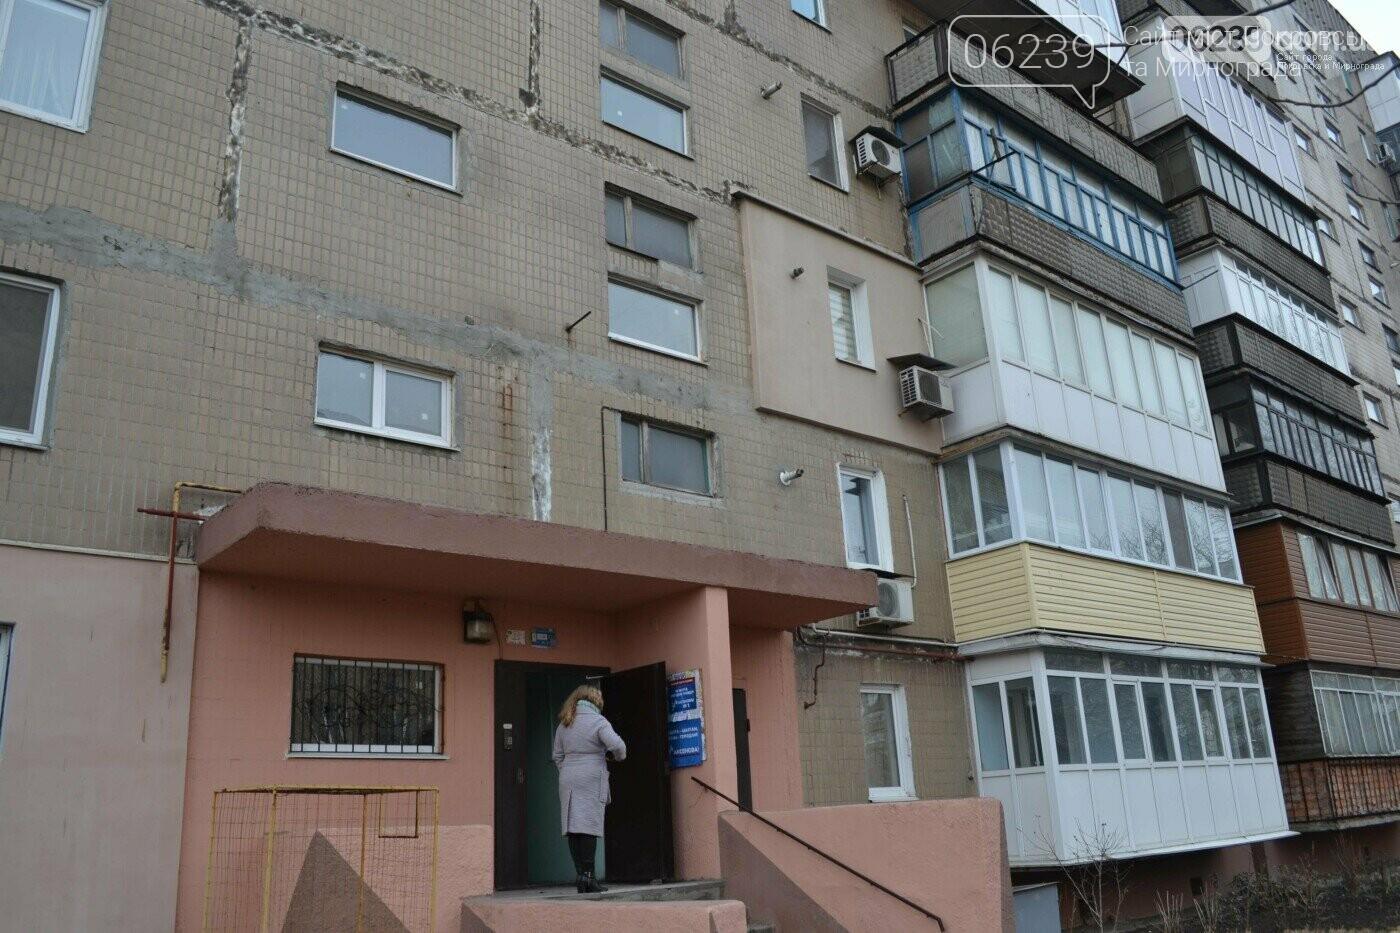 Чому не працює новий ліфт у будинку 69 на мікрорайоні Лазурний?, фото-2